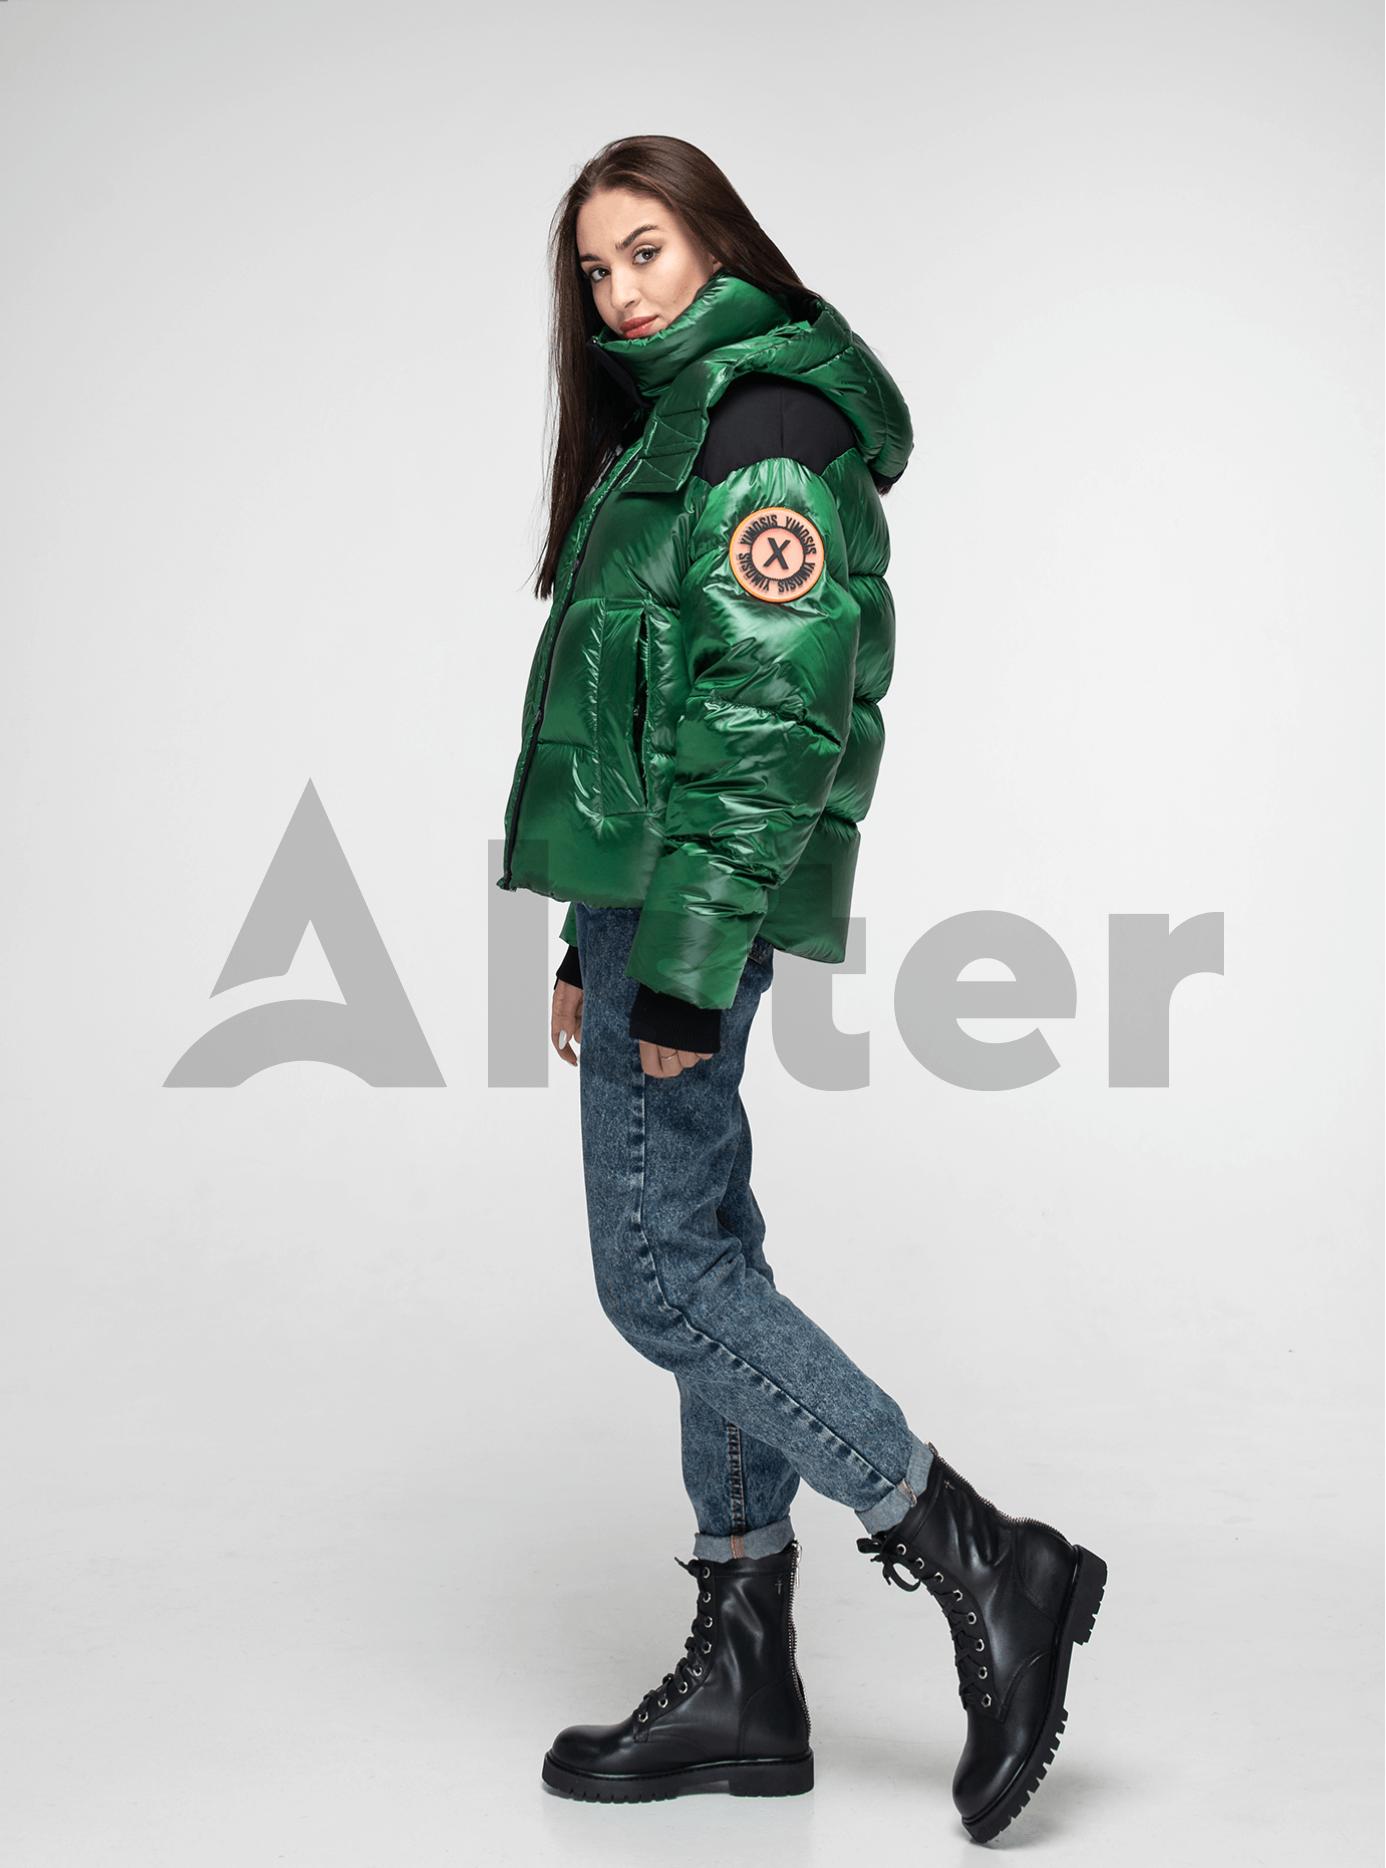 Пуховик женский короткий с капюшоном Зелёный L (02-Y191123): фото - Alster.ua